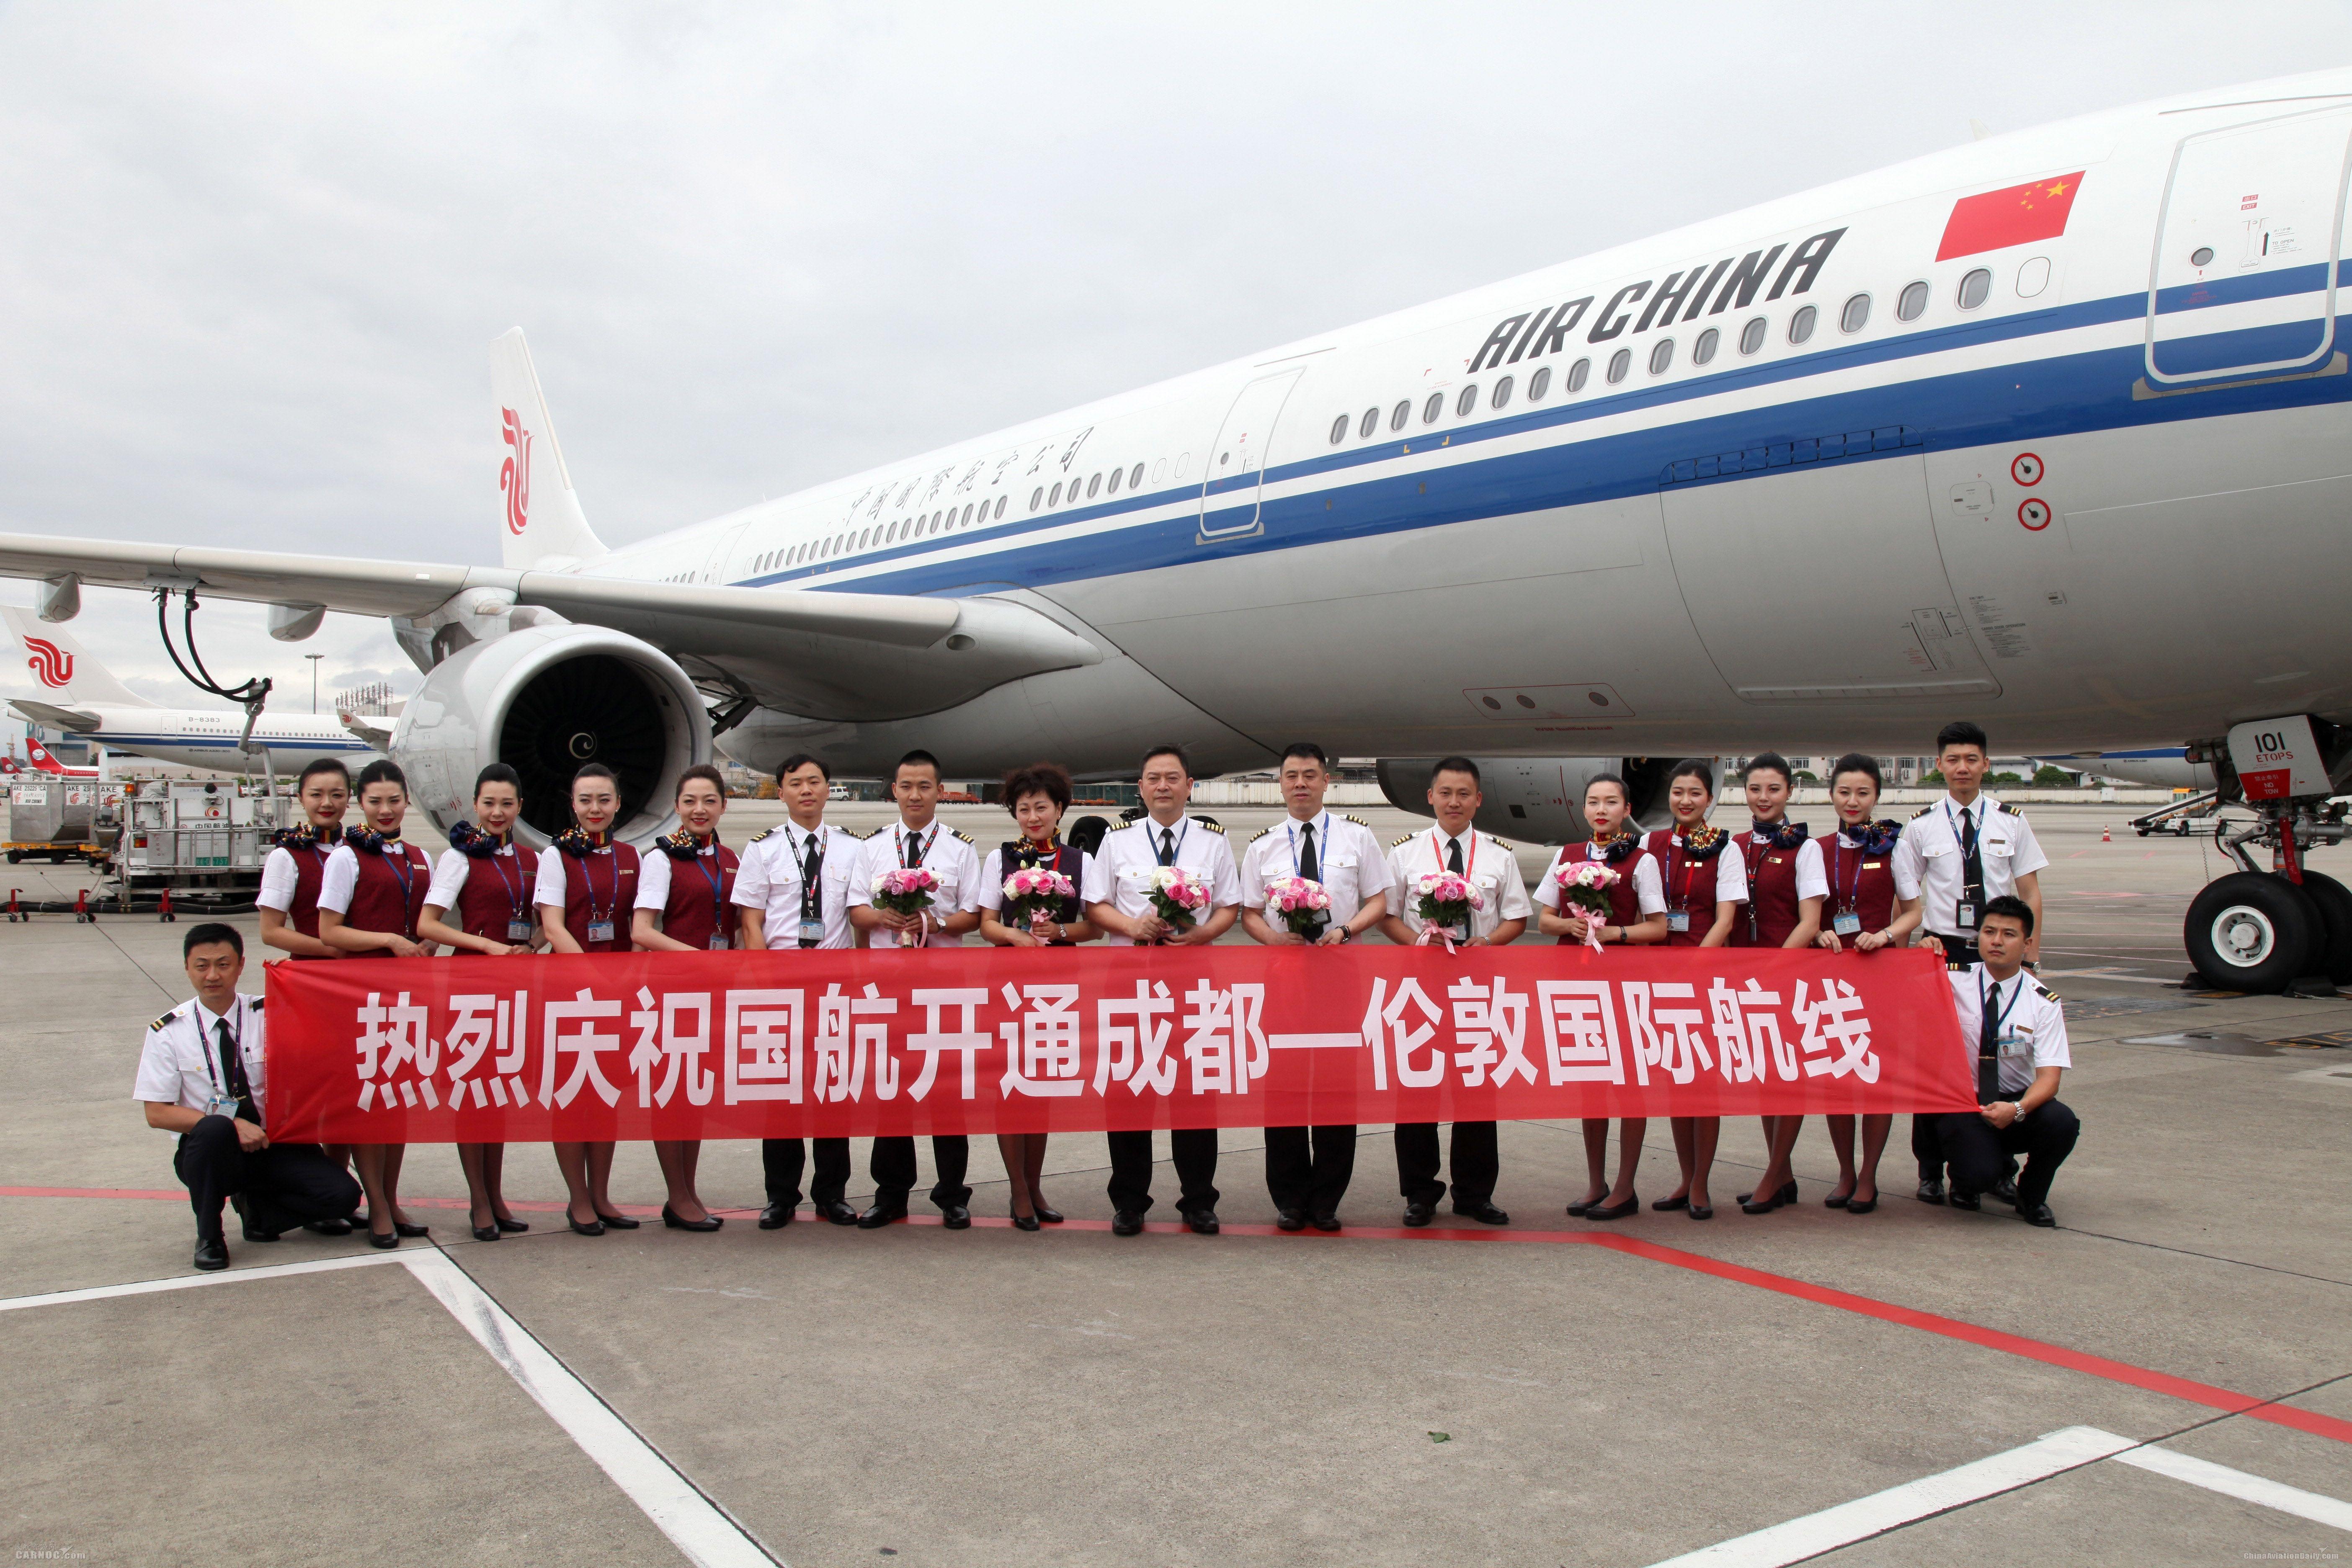 7月3日国航成都—伦敦国际航线正式启航